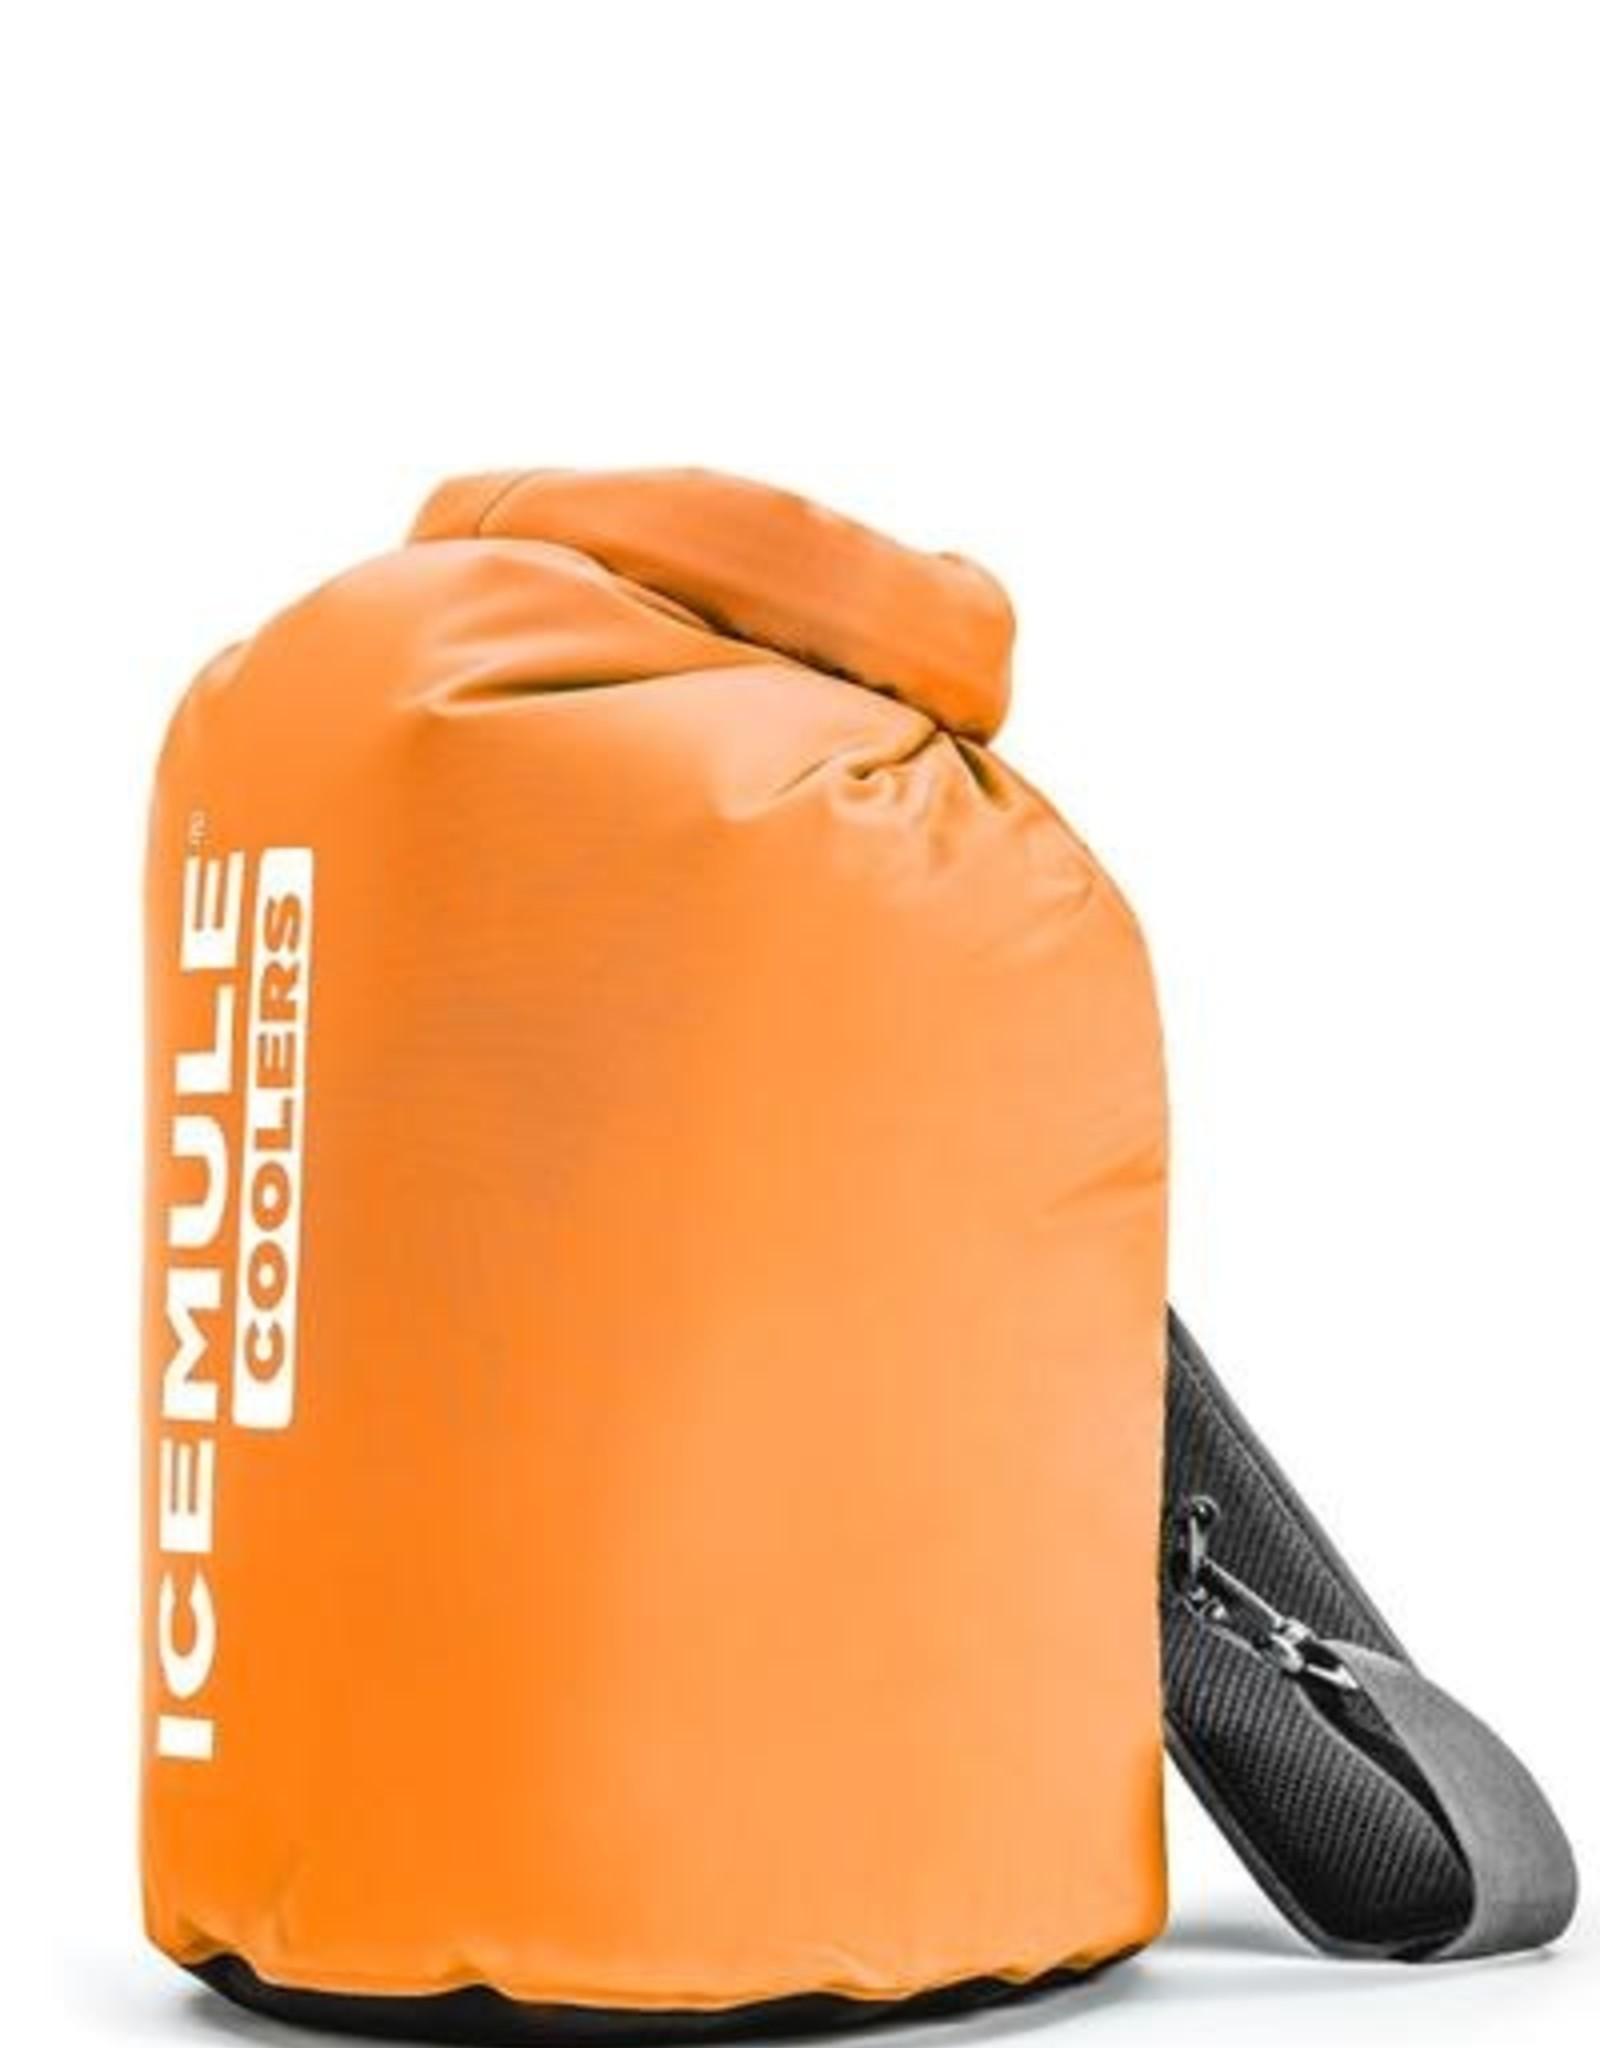 Ice Mule Classic Cooler- Ice Mule Blaze Orange Large 20L